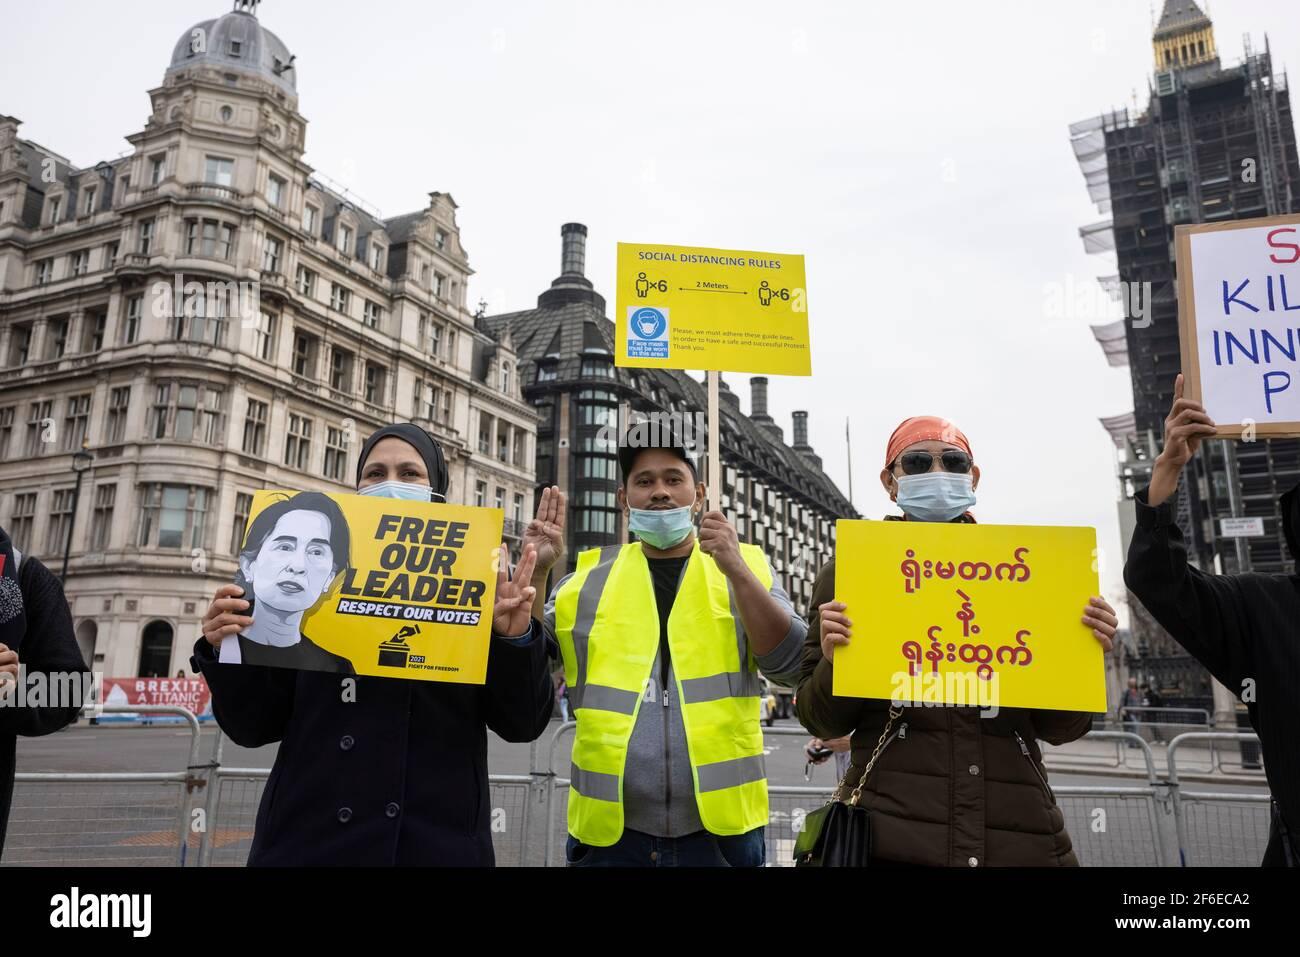 Londres, Royaume-Uni. 31 mars 2021. Des manifestants avec des pancartes et faisant le salut de trois doigts de la résistance sur la place du Parlement. Les manifestants se sont rassemblés sur la place du Parlement - portant un masque facial et observant les distances sociales - avant de marcher vers l'ambassade chinoise en solidarité avec le peuple du Myanmar contre le coup d'État militaire et les meurtres de civils par l'État. Des discours ont été prononcés à l'extérieur de l'ambassade. Depuis le début du coup d'État militaire le 1er février, plus de 520 personnes ont été tuées au Myanmar par les forces de sécurité. Samedi dernier a été le jour le plus violent où plus de 100 personnes étaient kil Banque D'Images